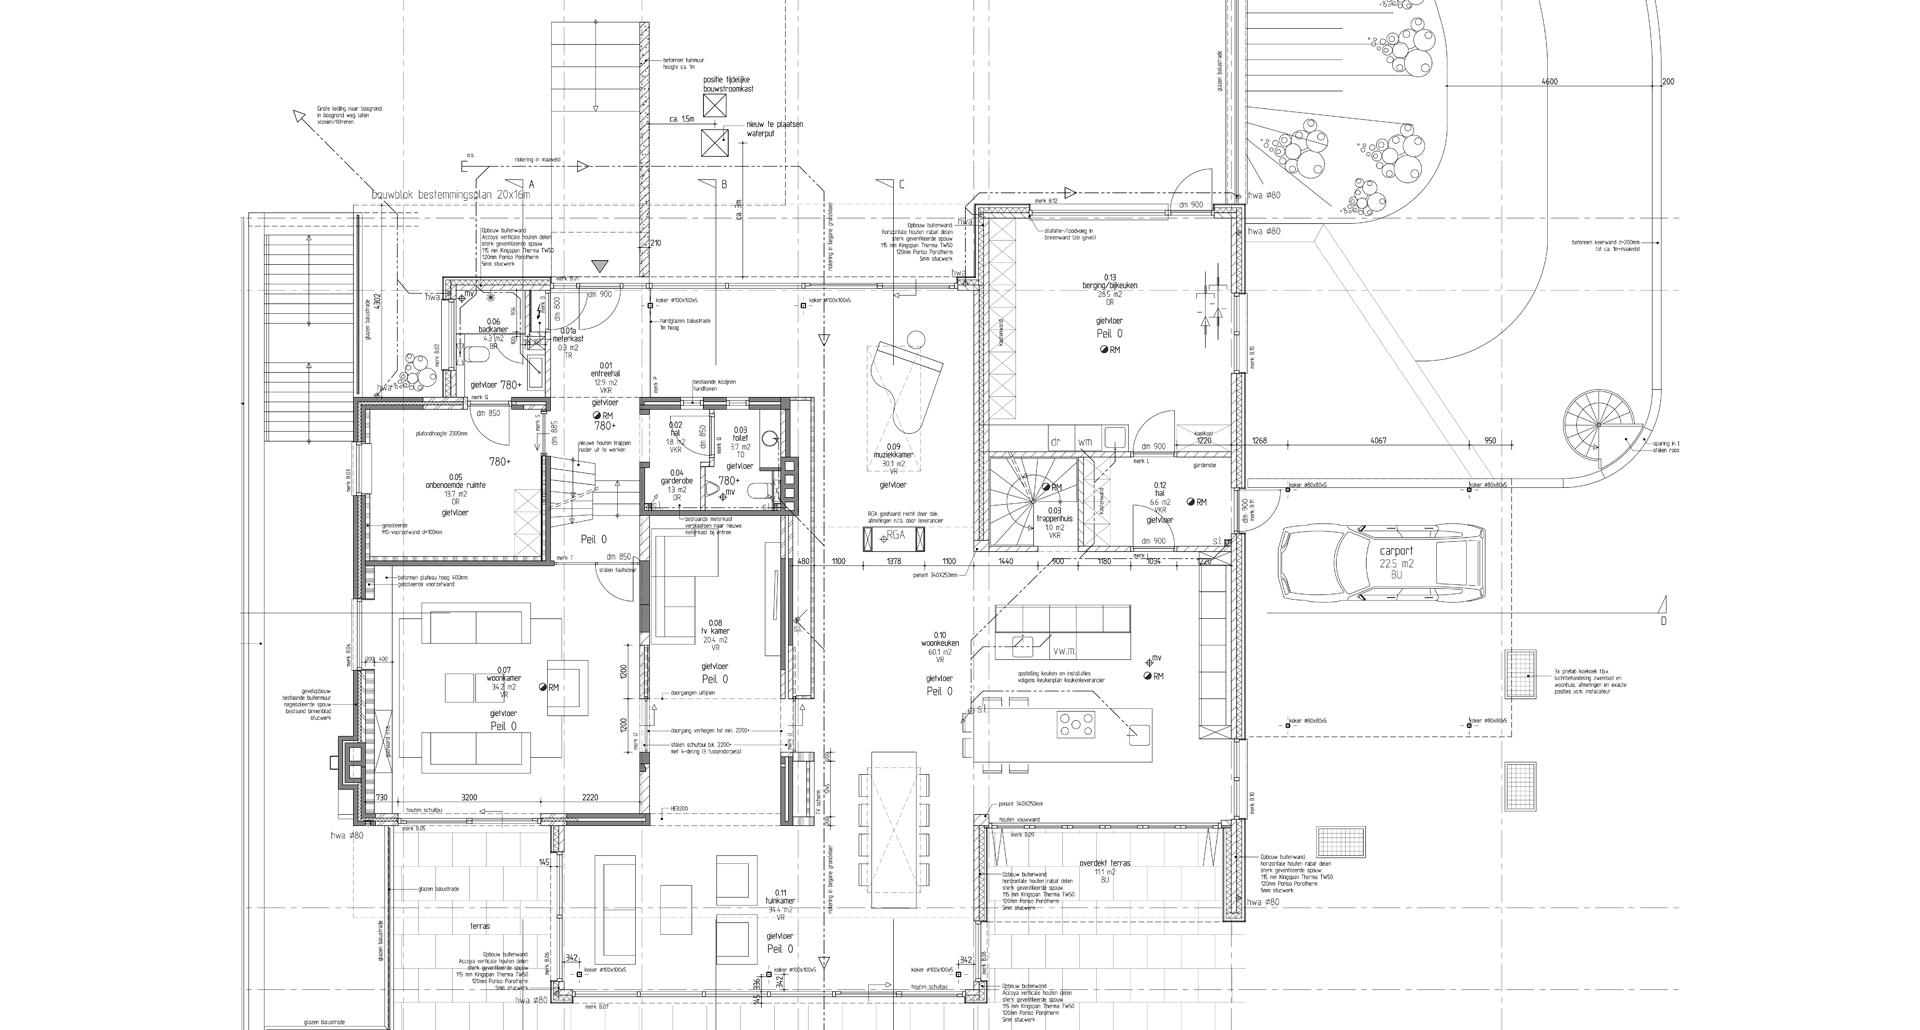 technischetekening bouwtekening bouwplan verbouwen nieuwbouw